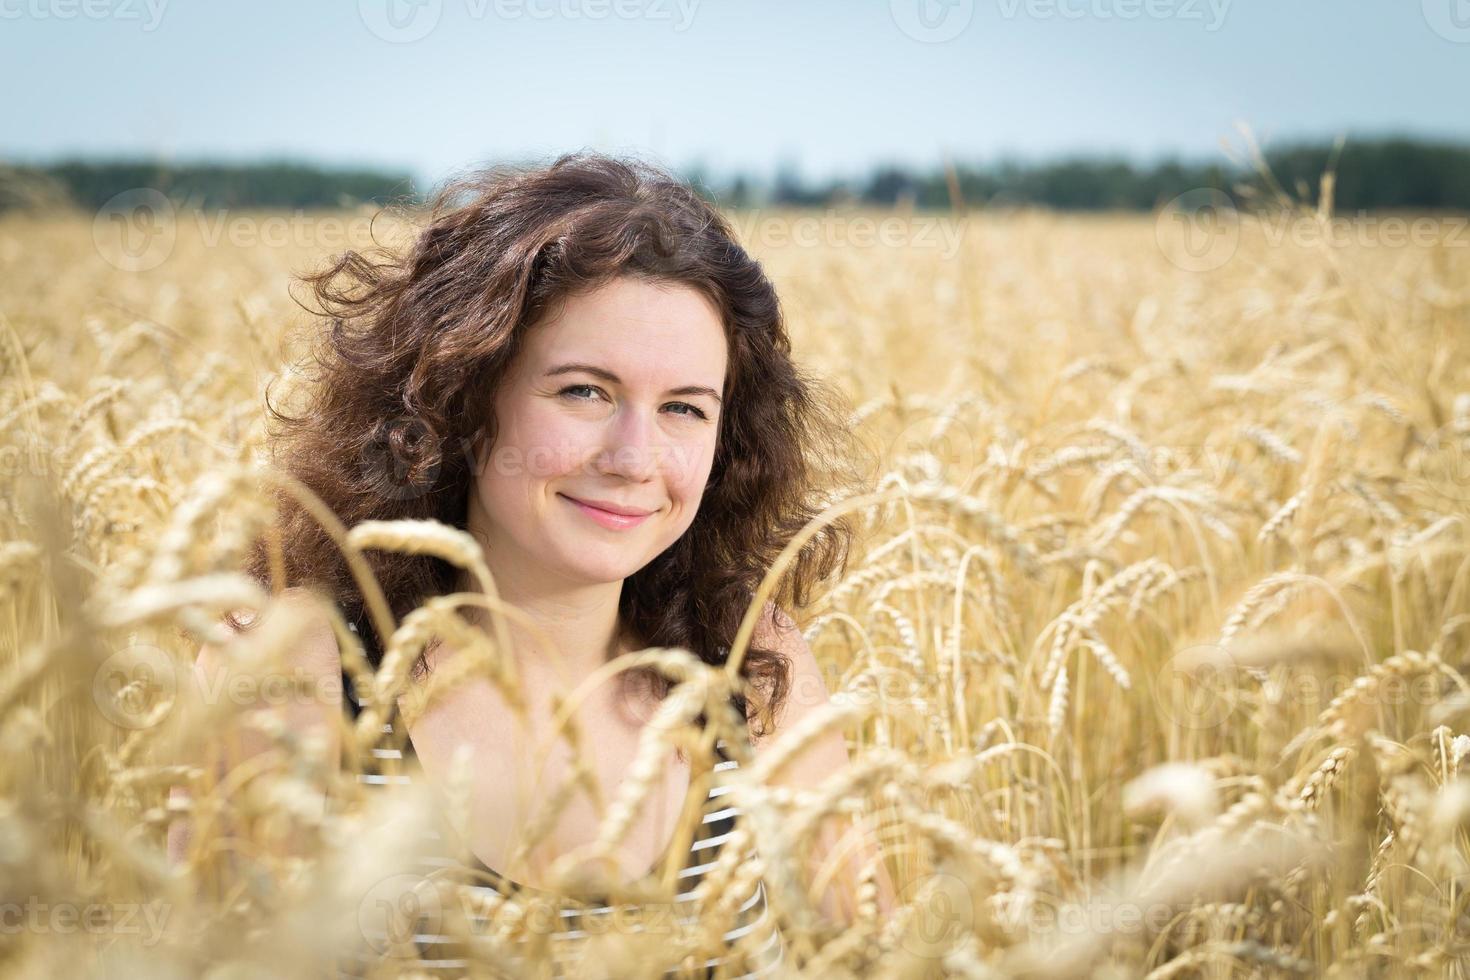 ragazza in campo con grano. foto